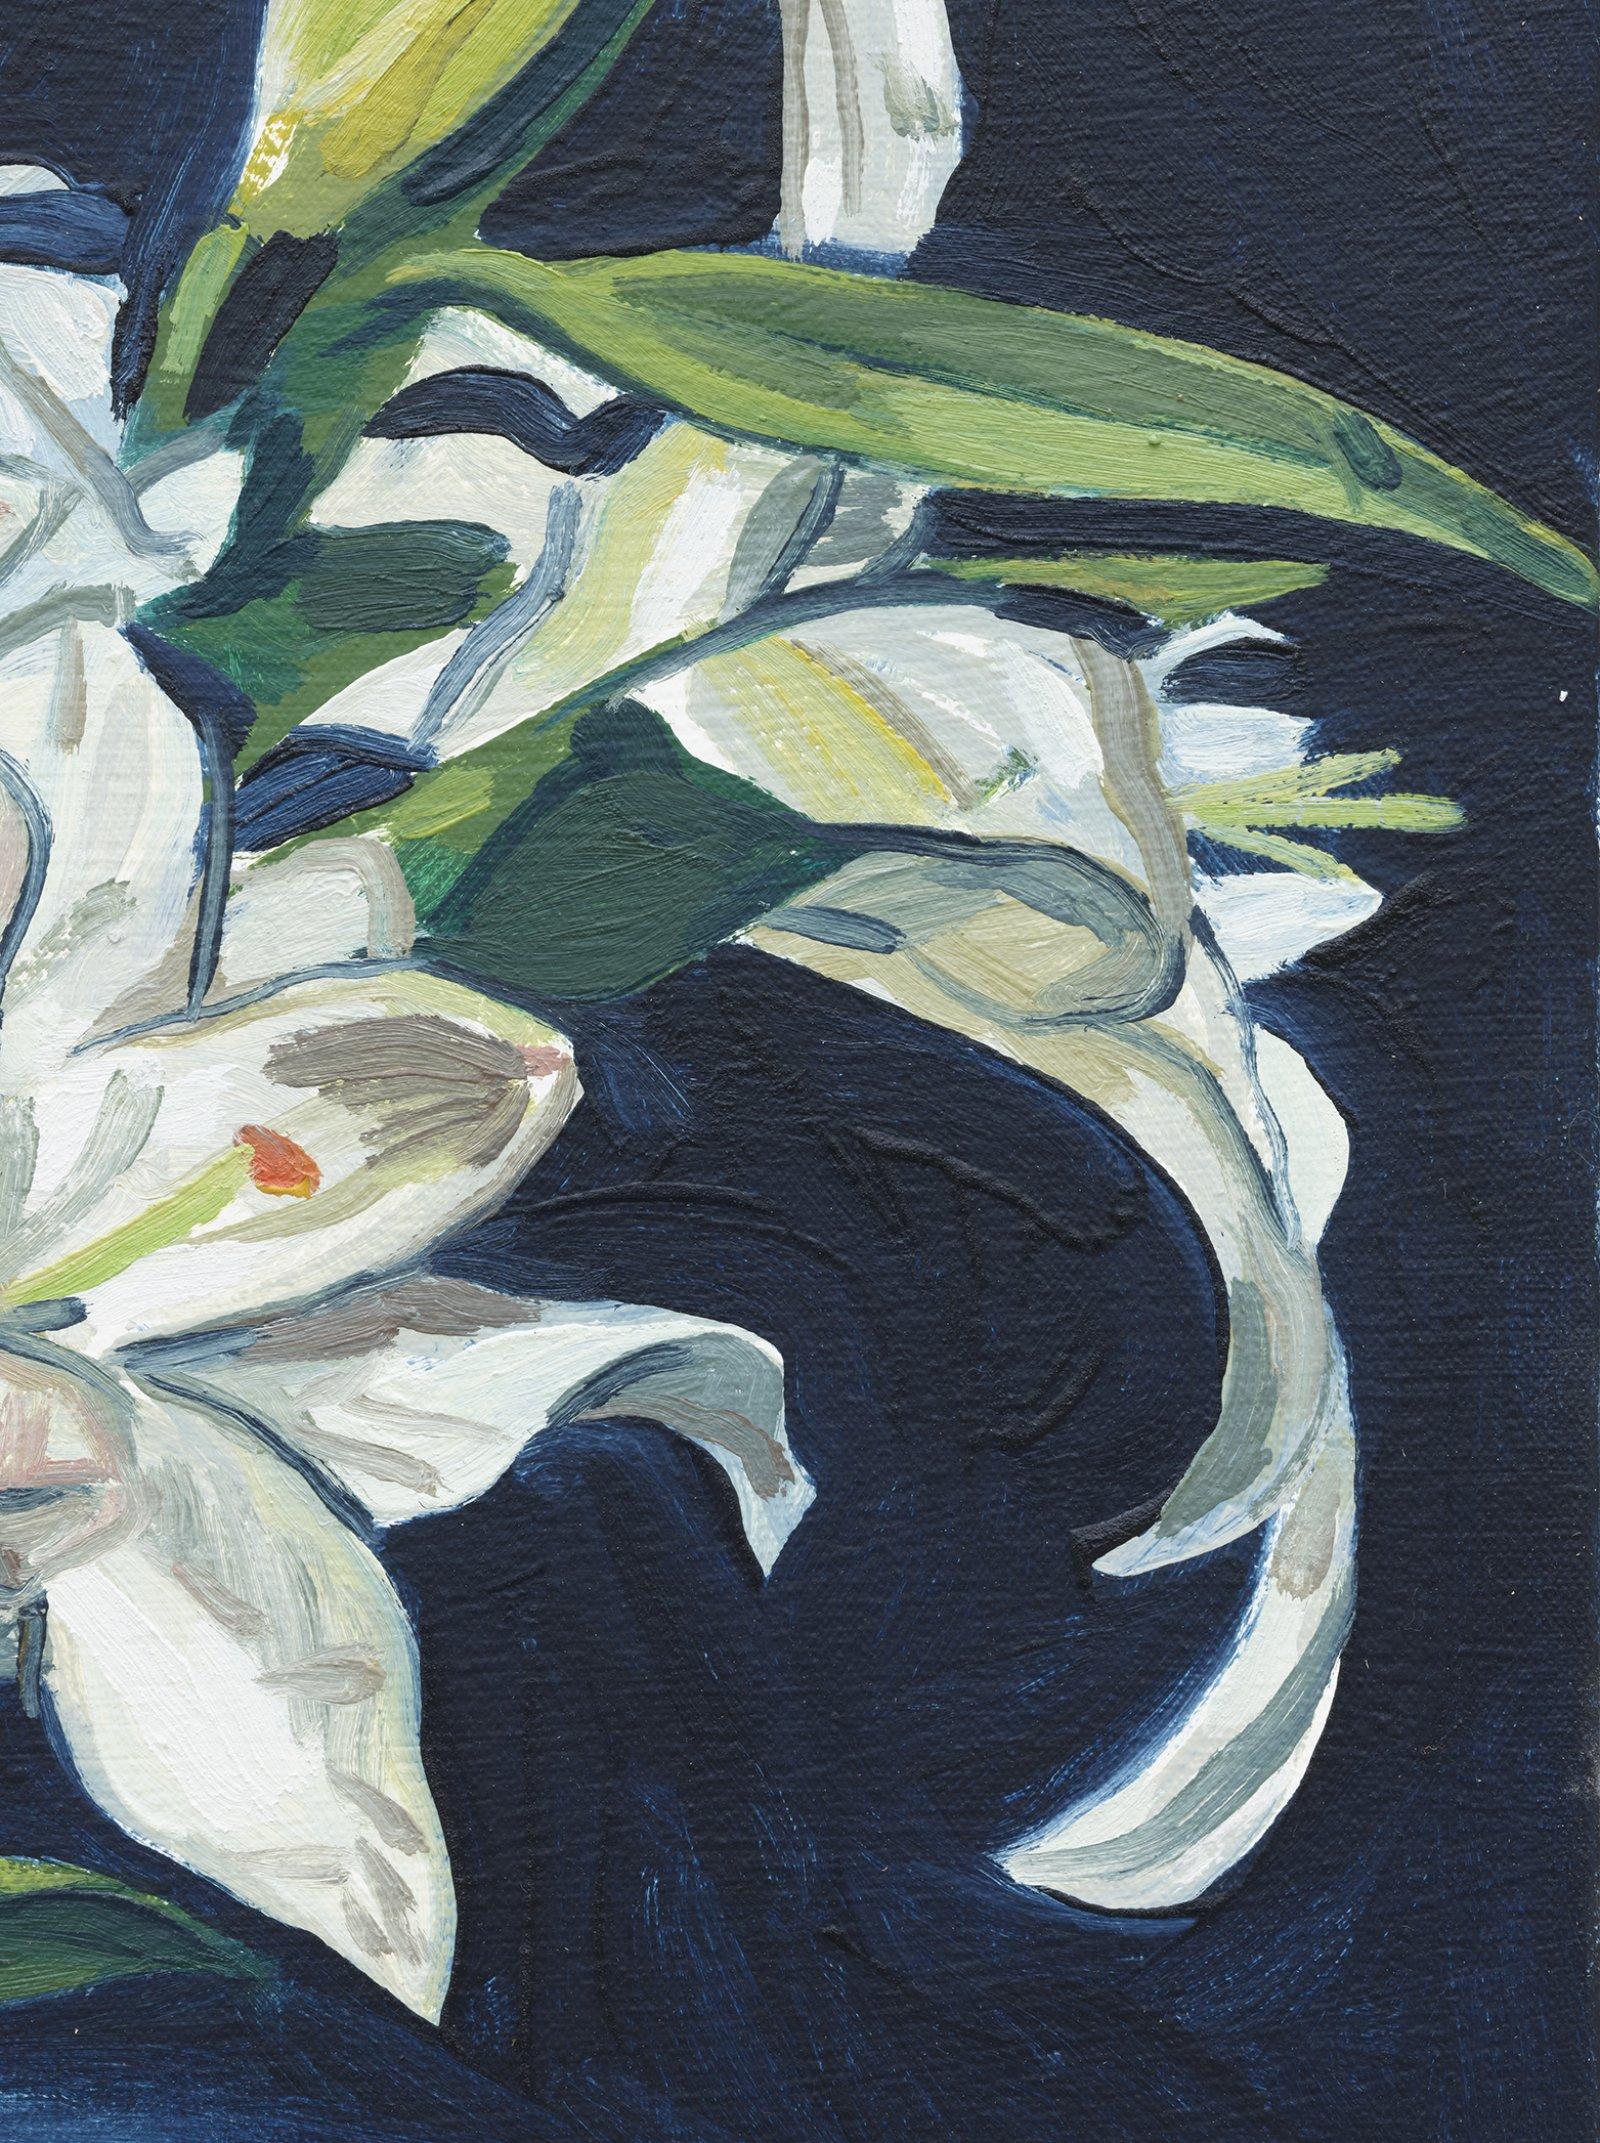 Damian Moppett, Lilies (Indigo) (detail), 2020, oil on canvas, 32 x 27 in. (82 x 69 cm) by Damian Moppett